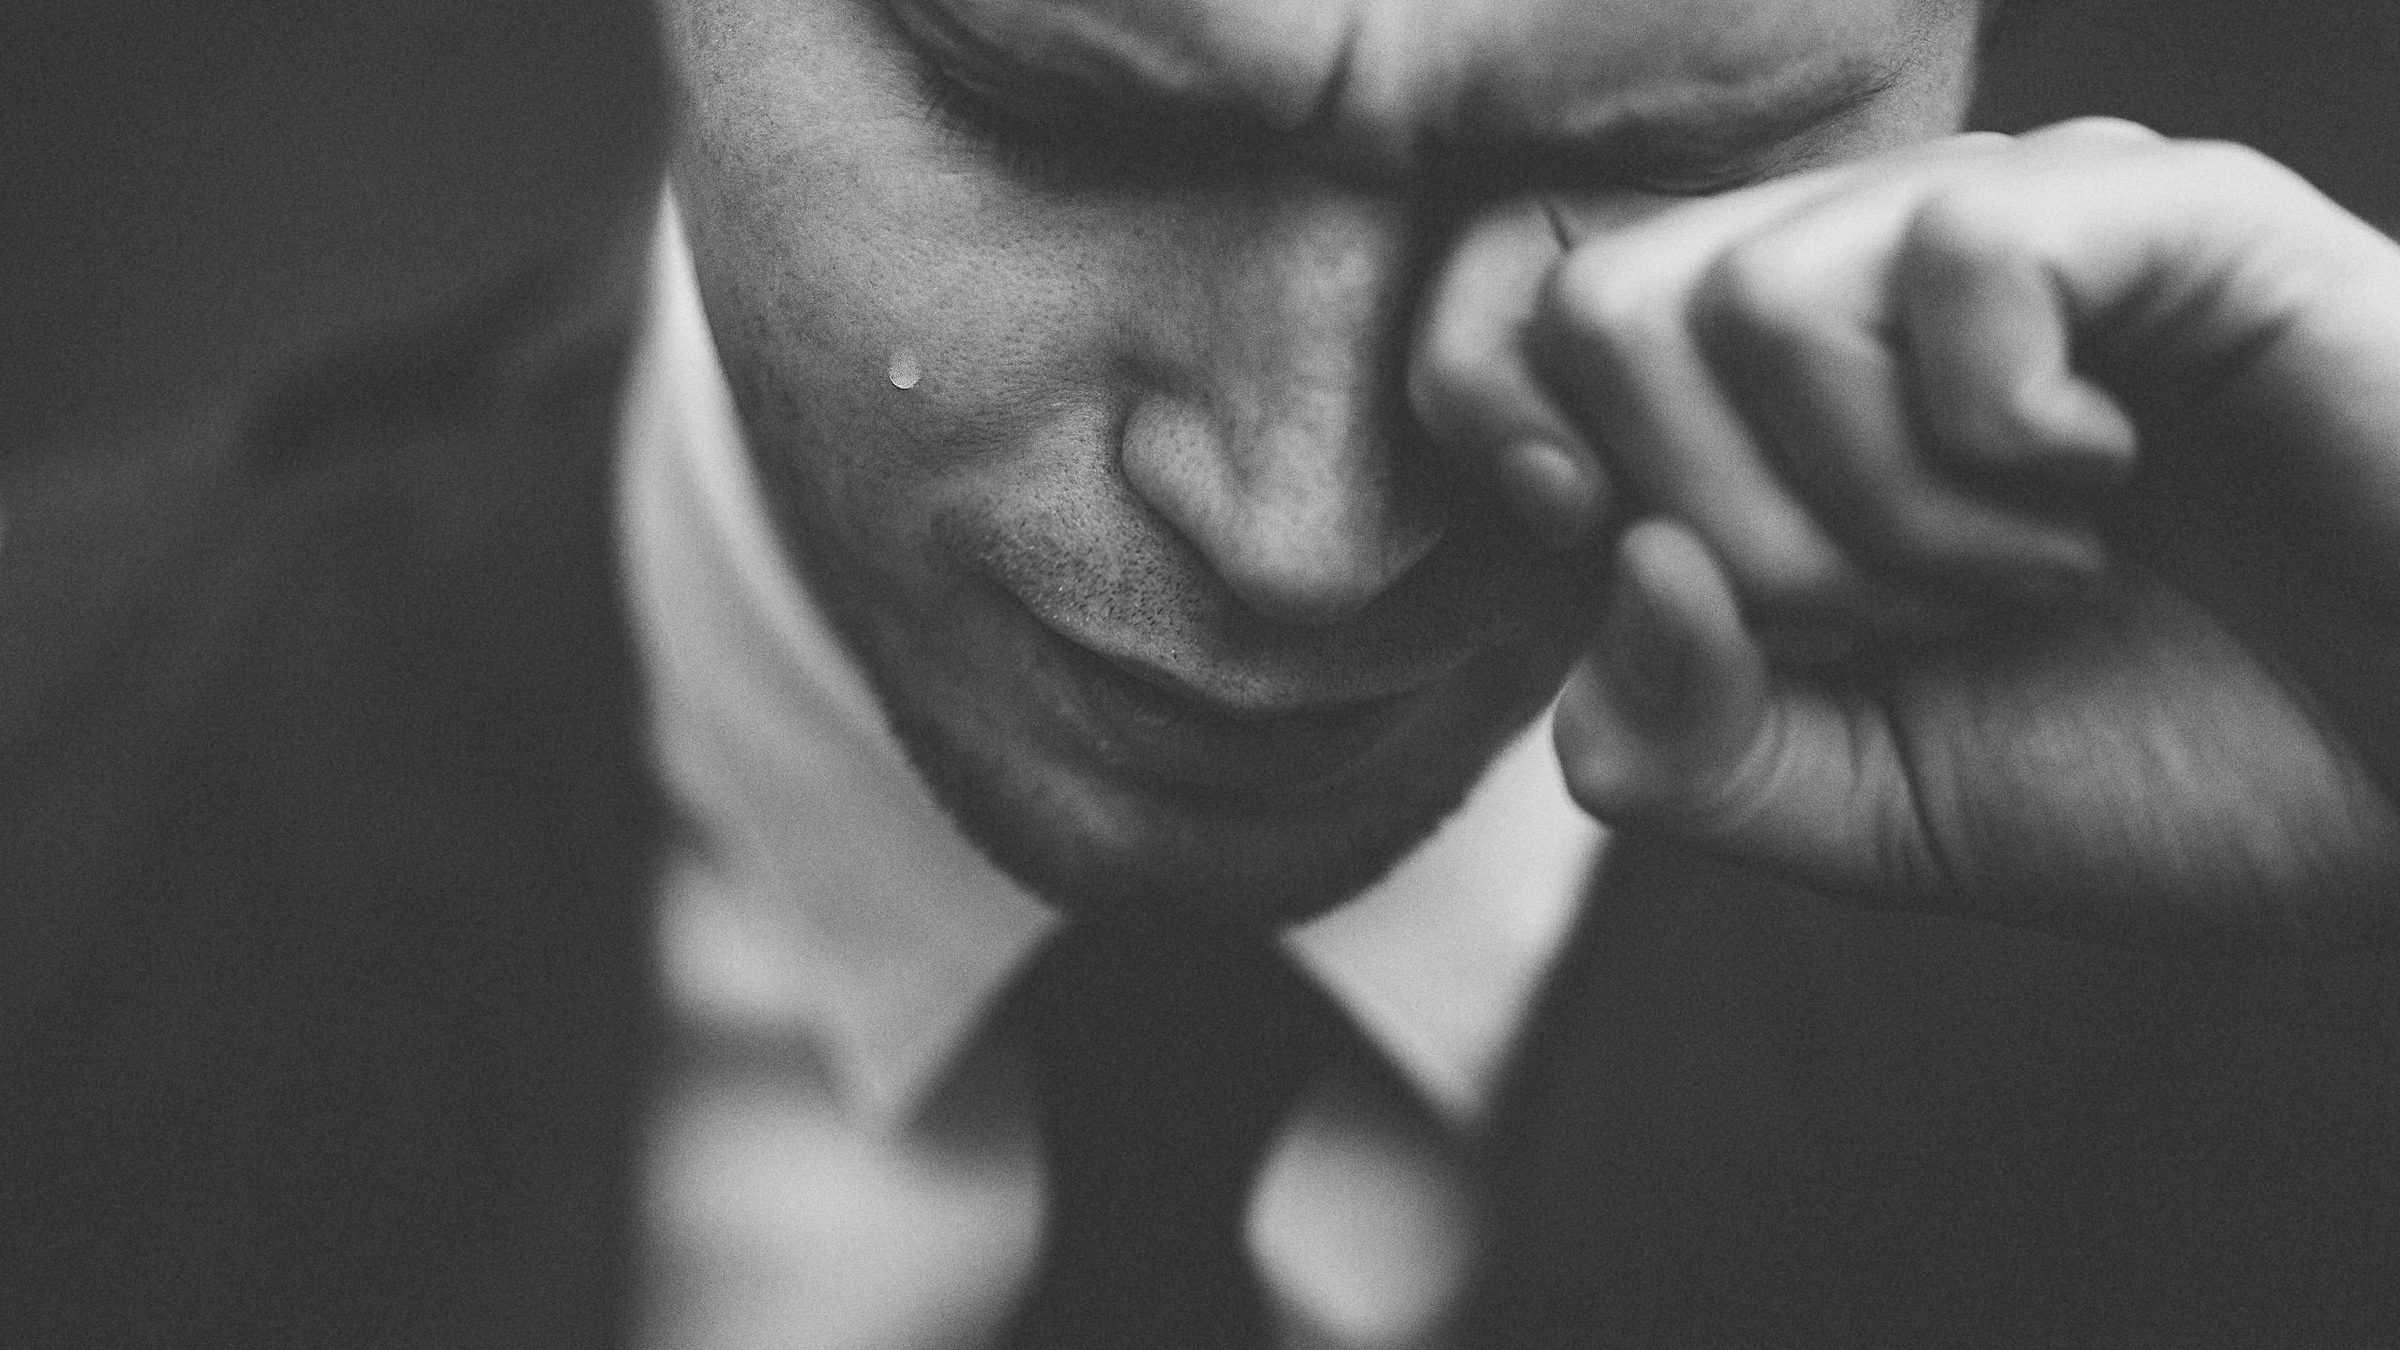 Huilende man - reclames om te huilen - creativiteit - coronatijd